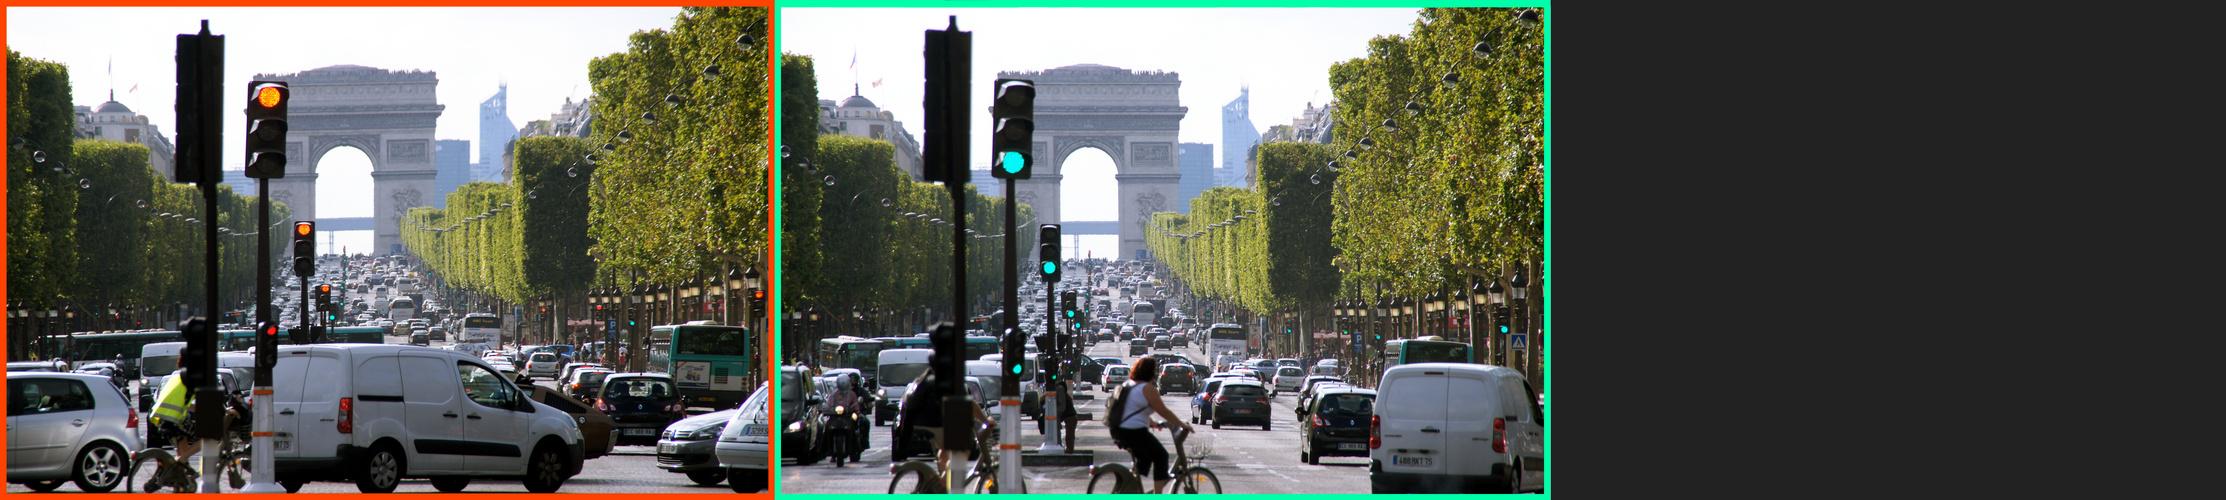 Paris: Rot und Grün